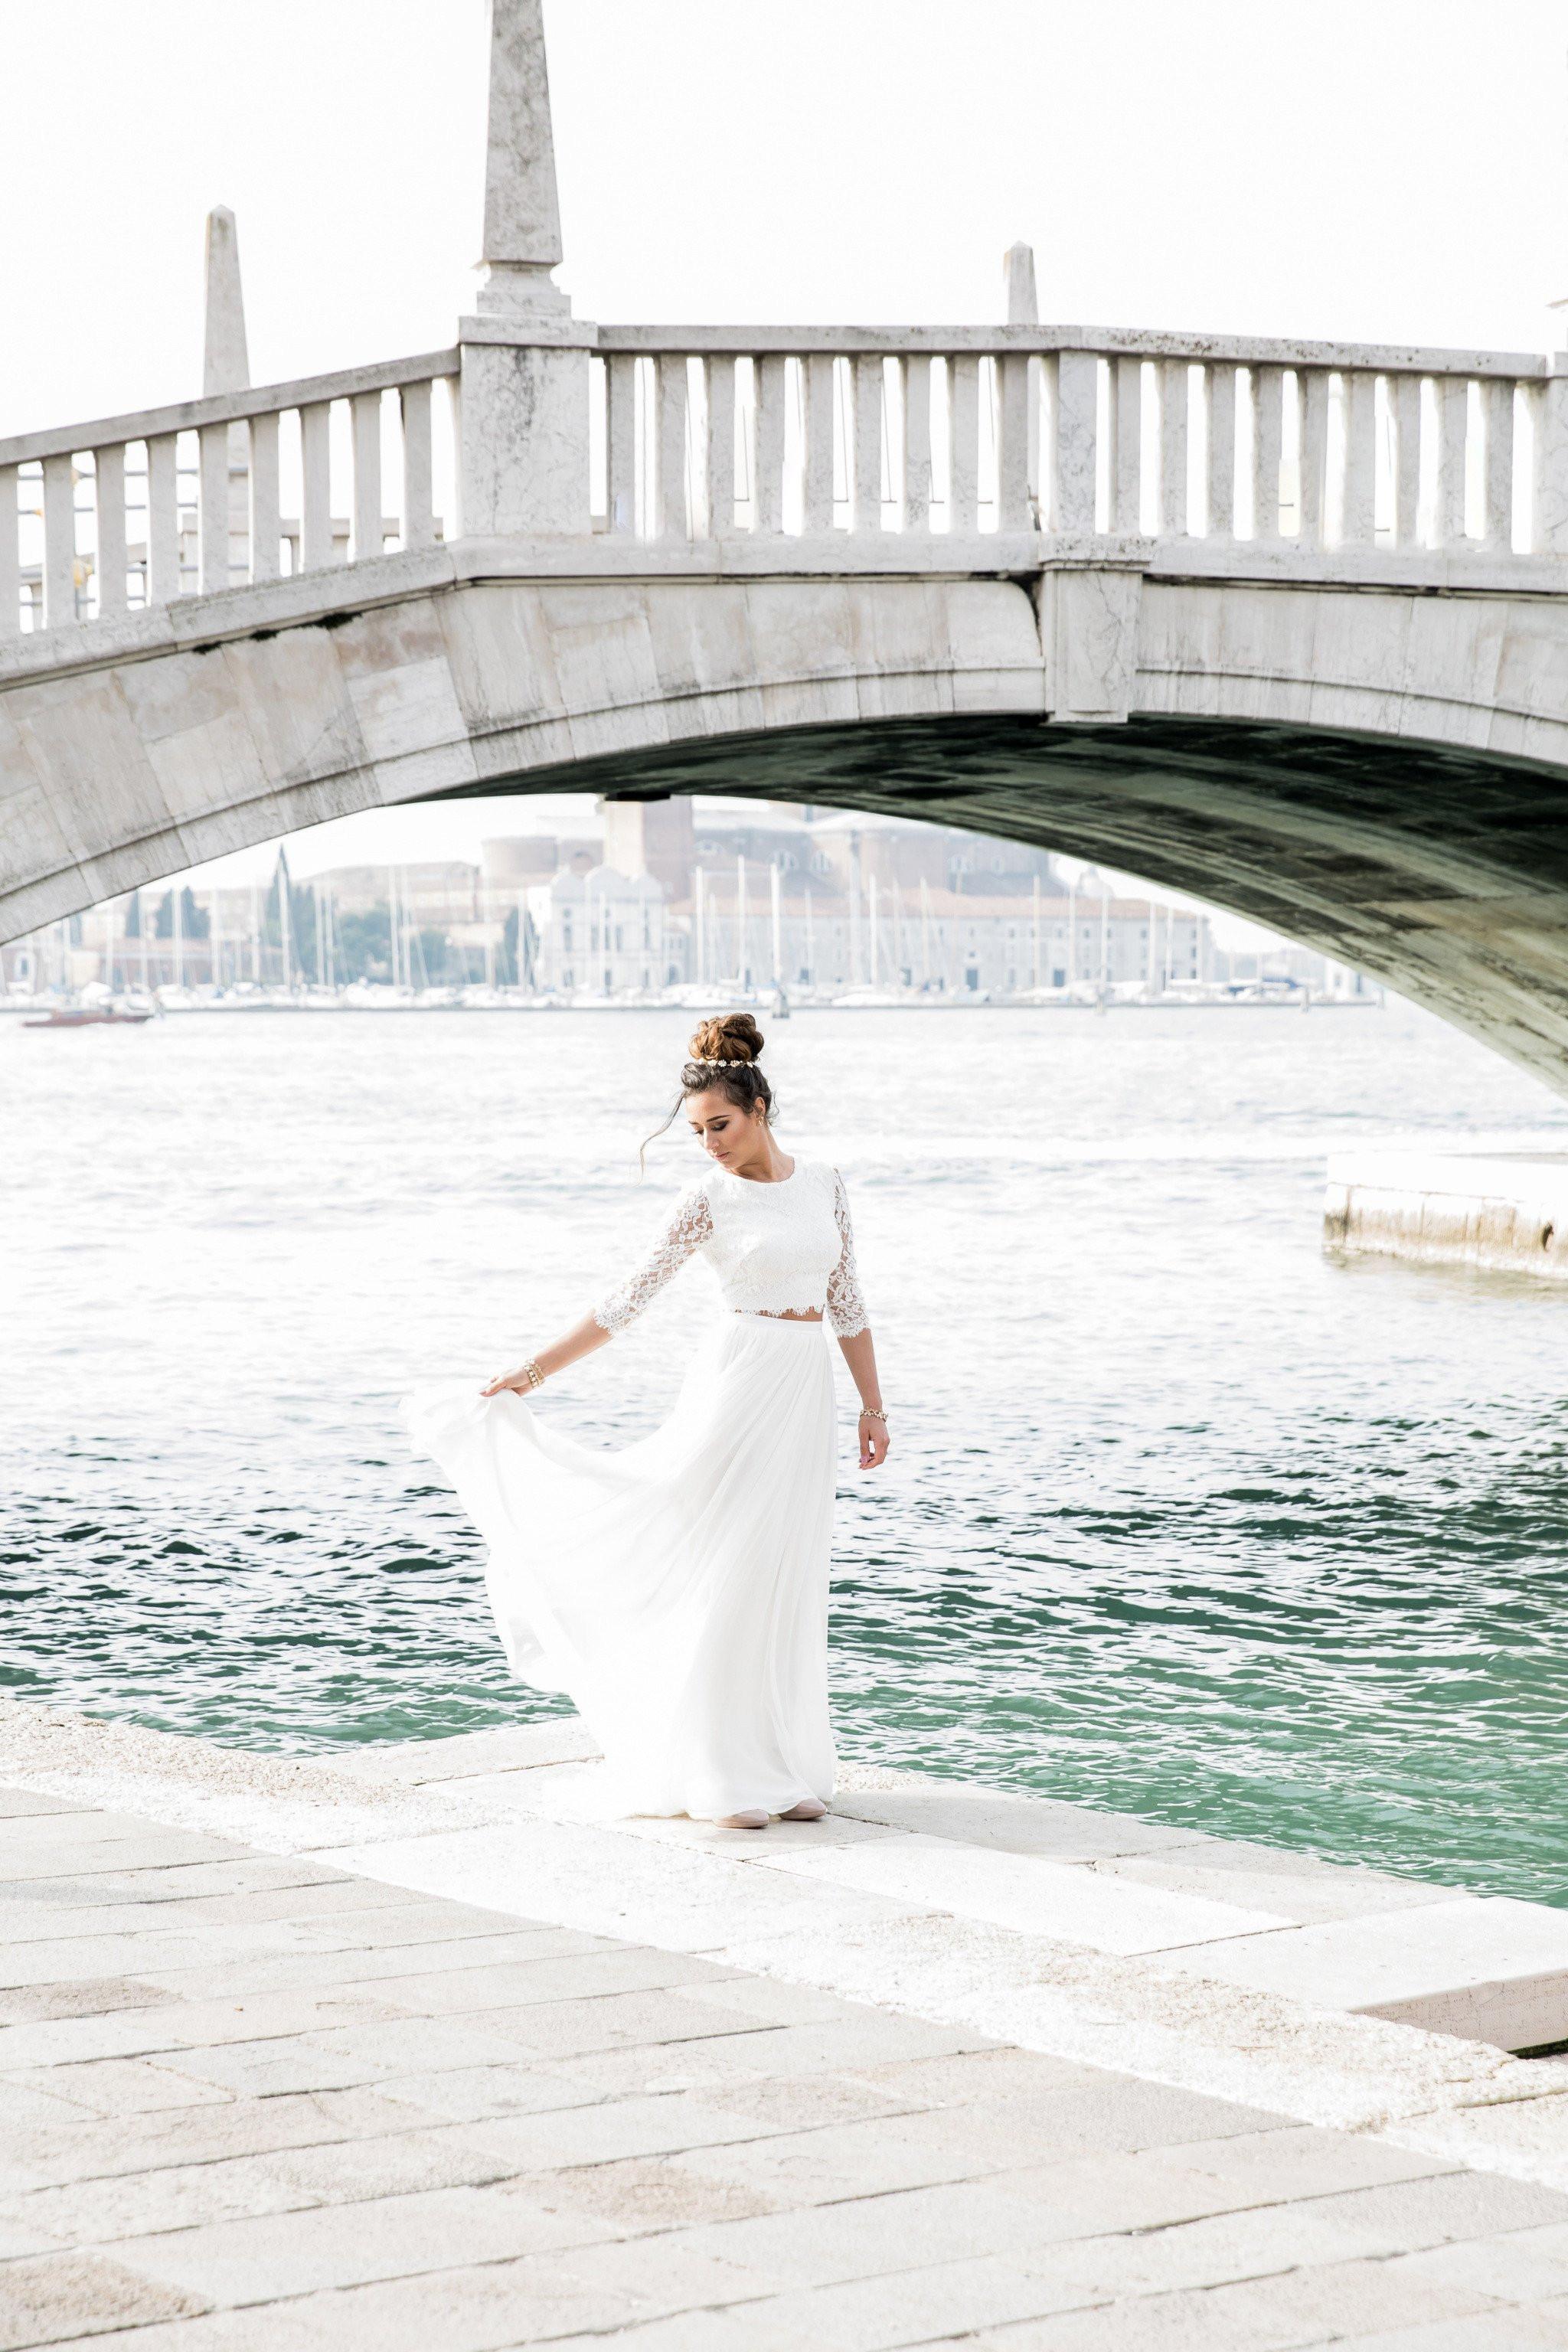 Wat Kost Een Trouwjurk Theperfectwedding Nl